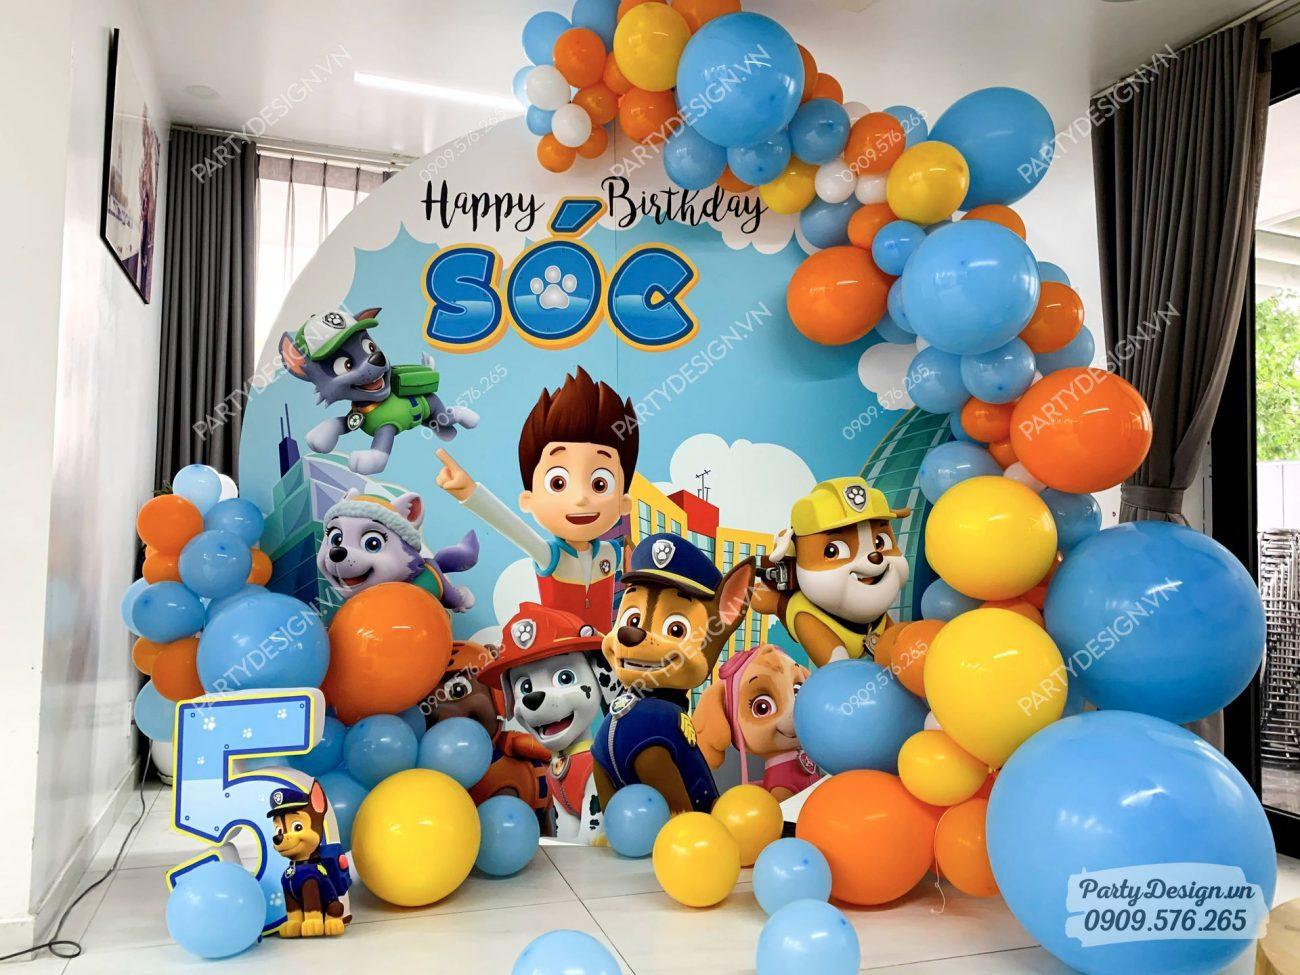 Trang trí sinh nhật tại nhà chủ đề Paw Patrol - bé Sóc.